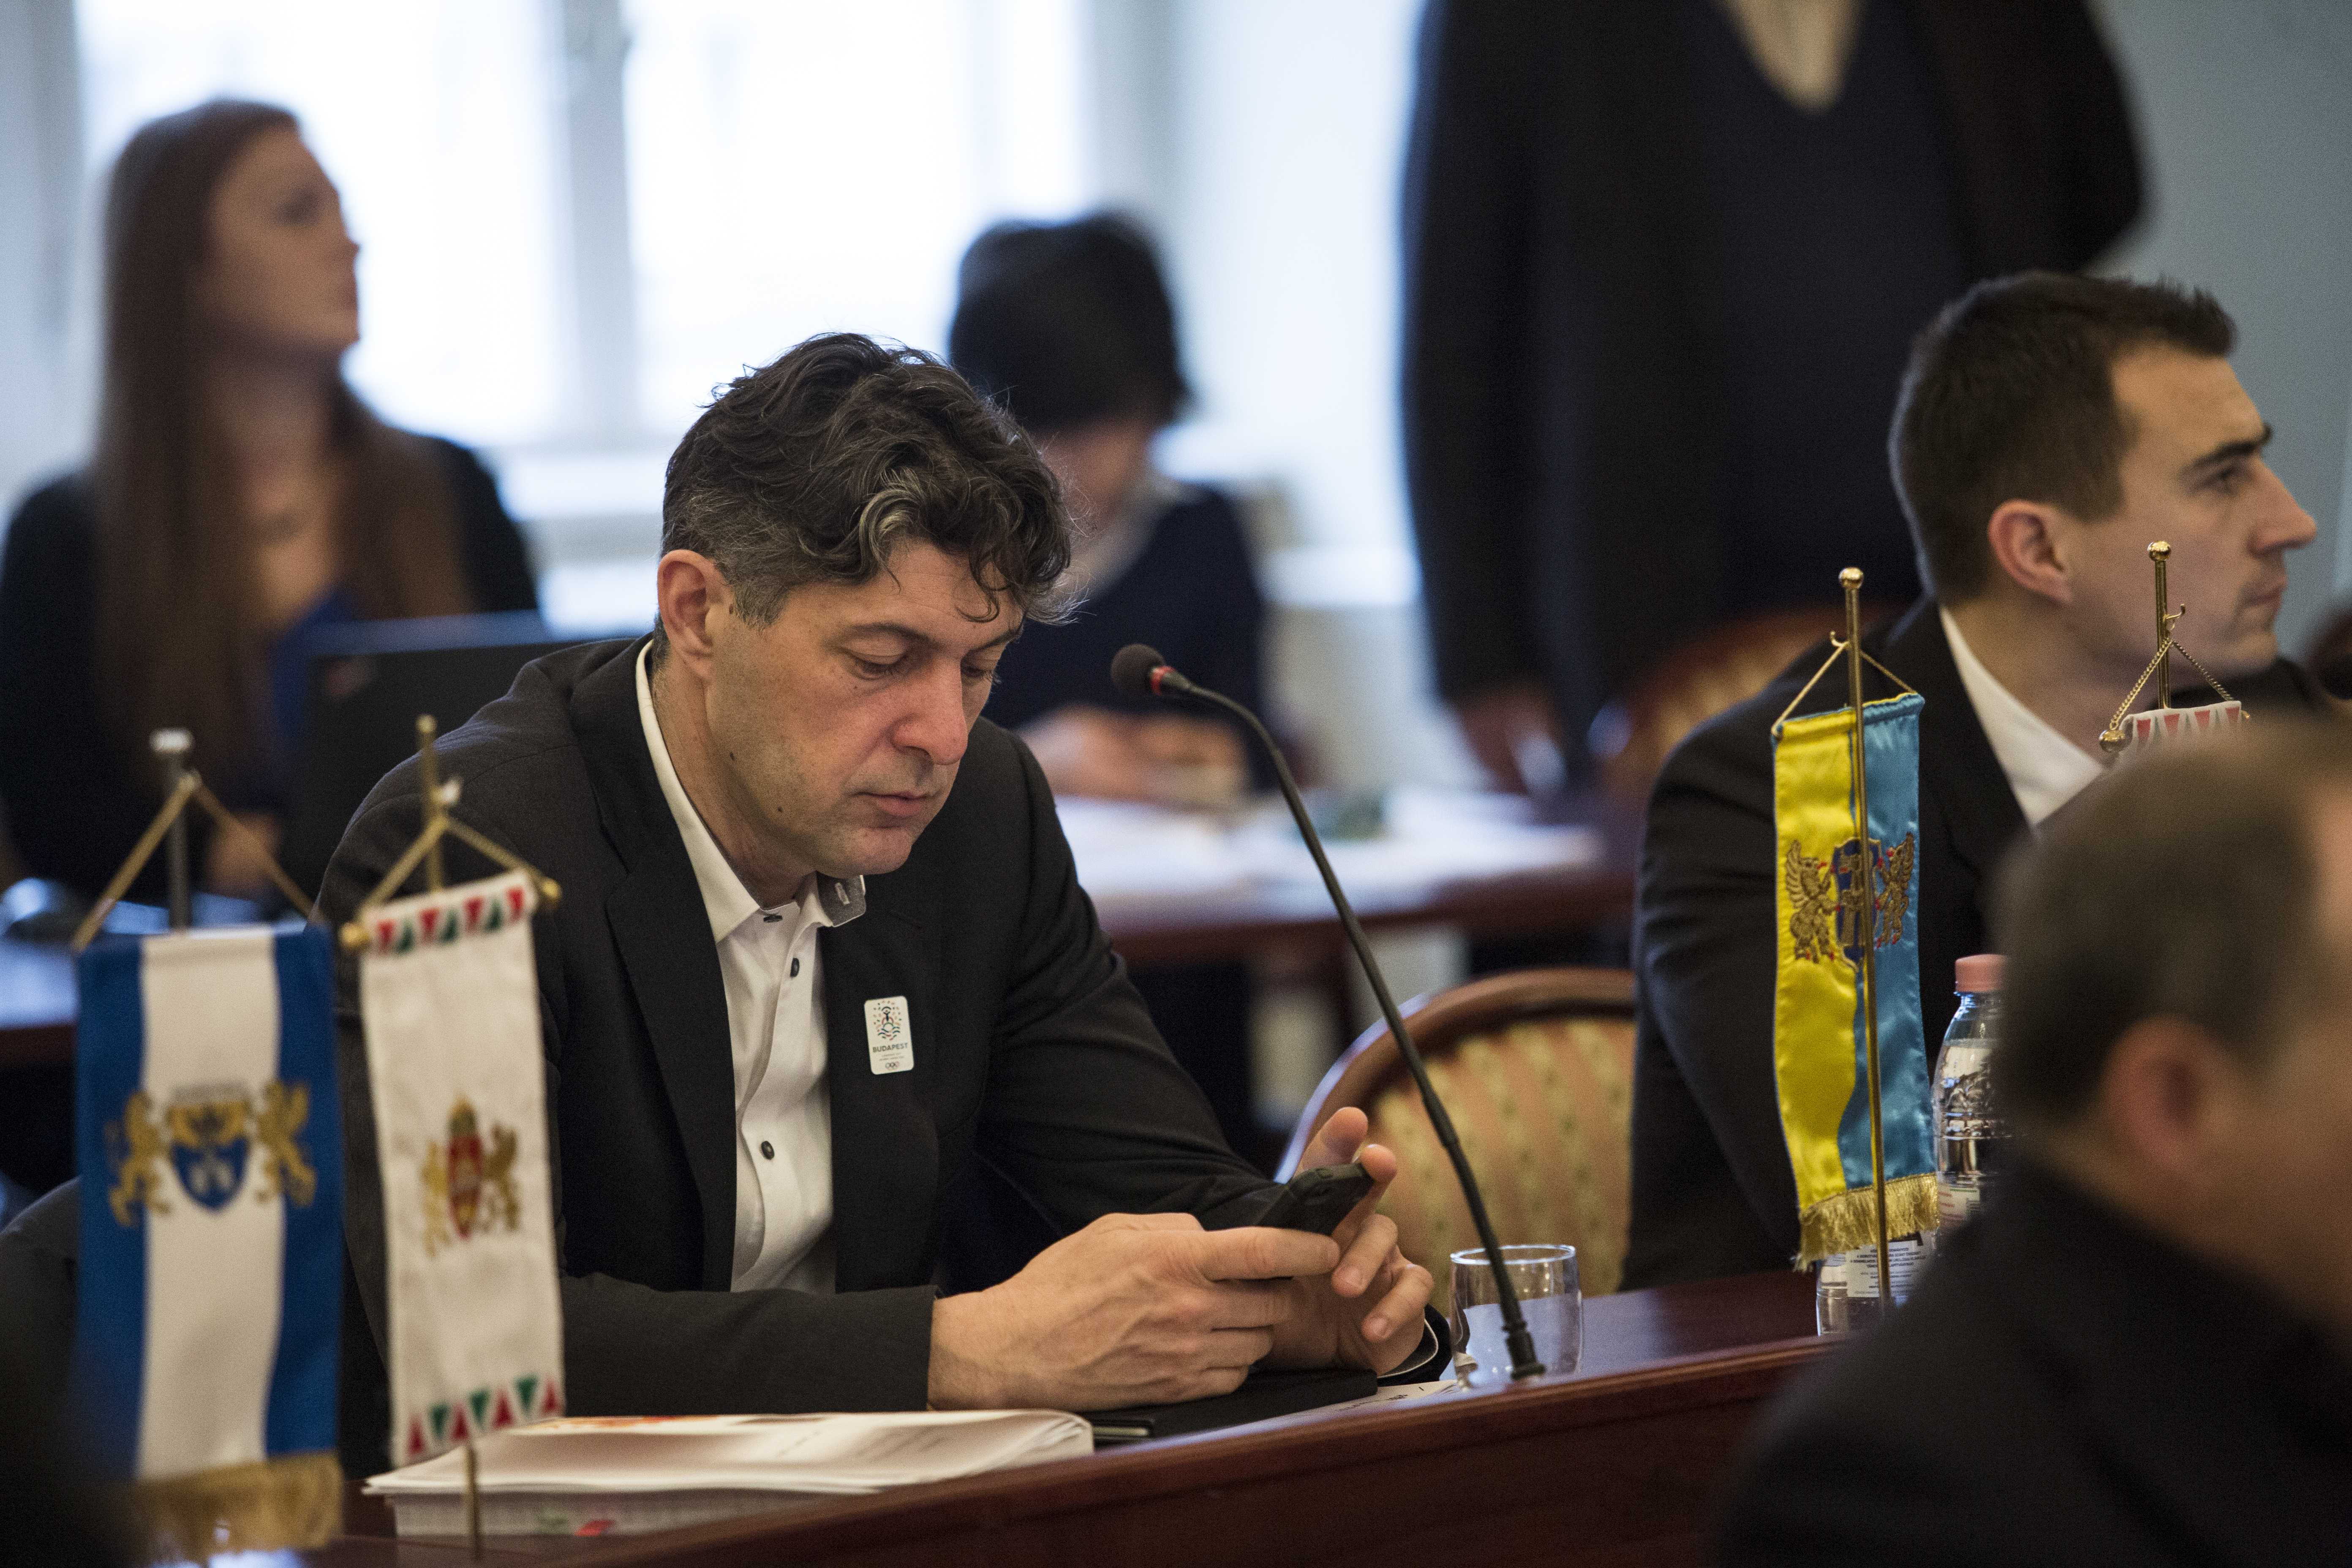 2,7 milliárd forintért adna el ingatlanokat a belvárosi önkormányzat